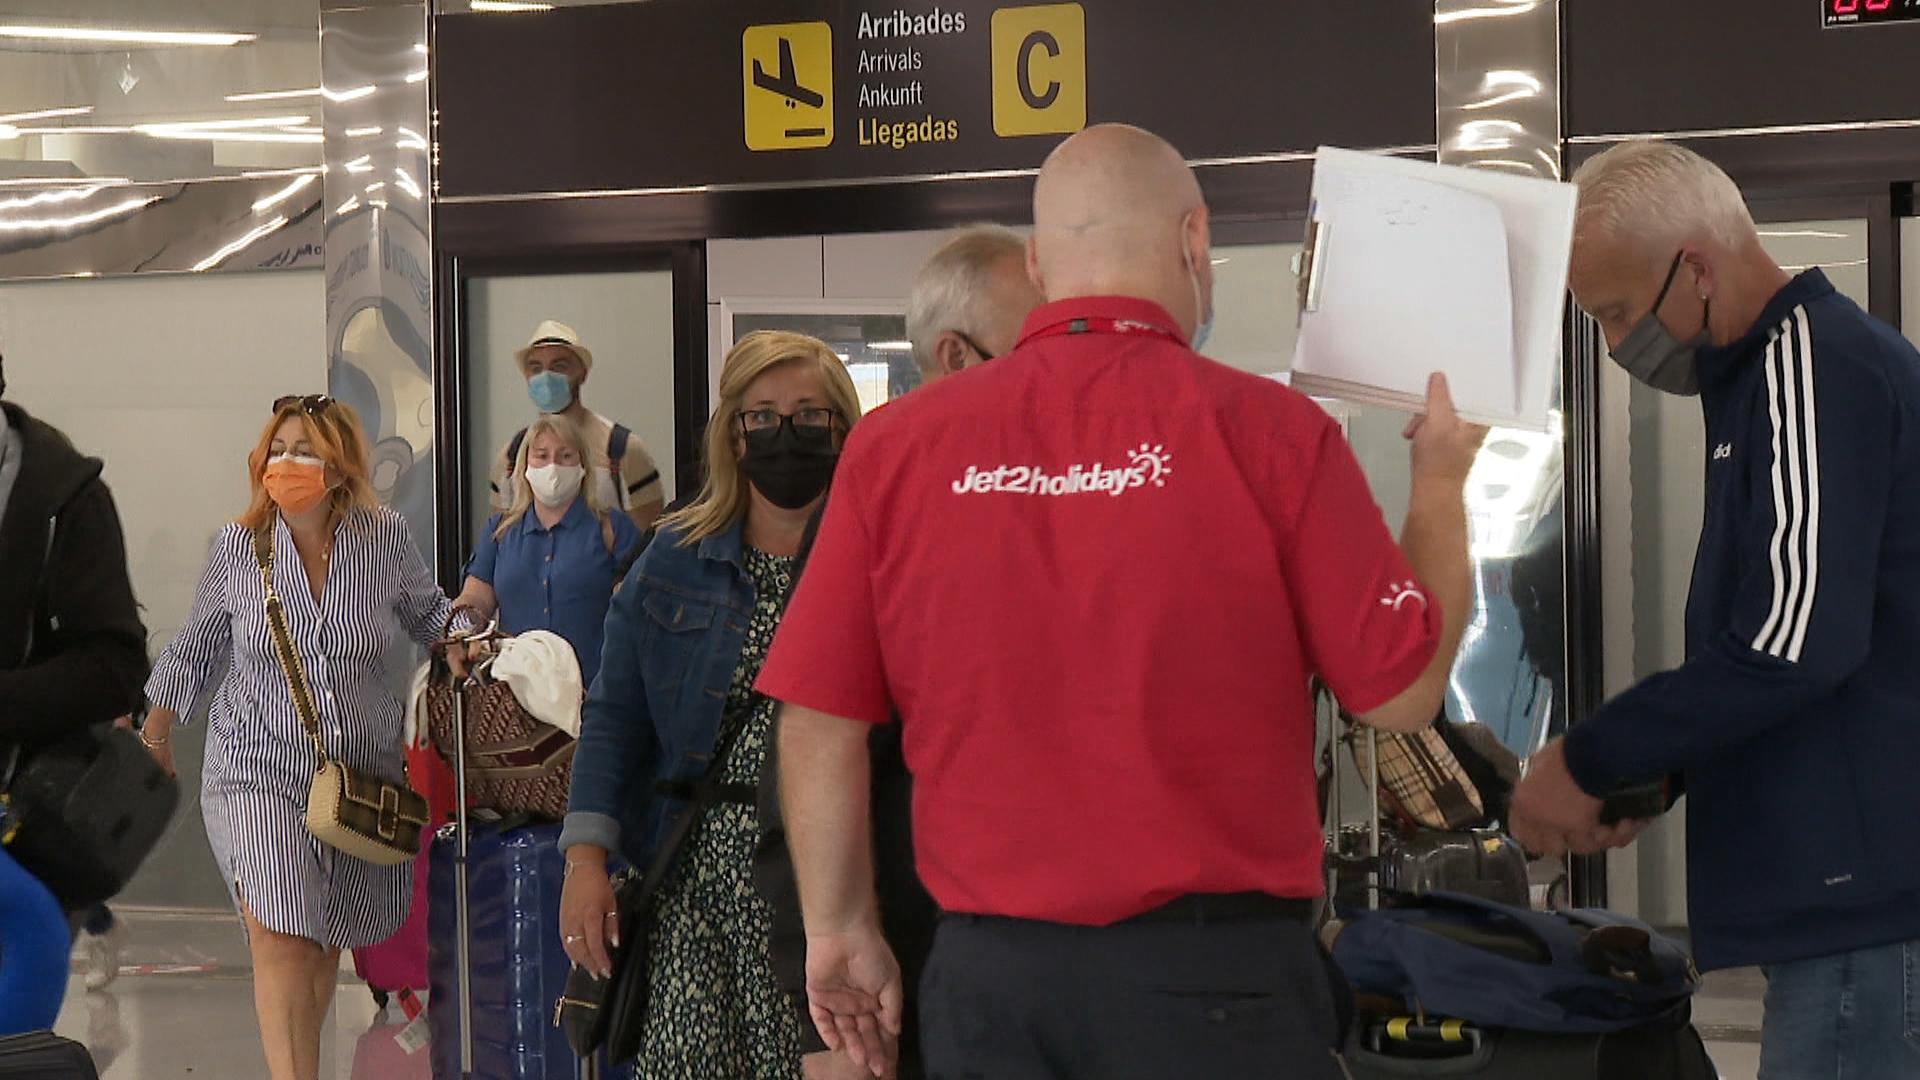 Arriben+els+primers+passatgers+brit%C3%A0nics+als+aeroports+de+les+Illes